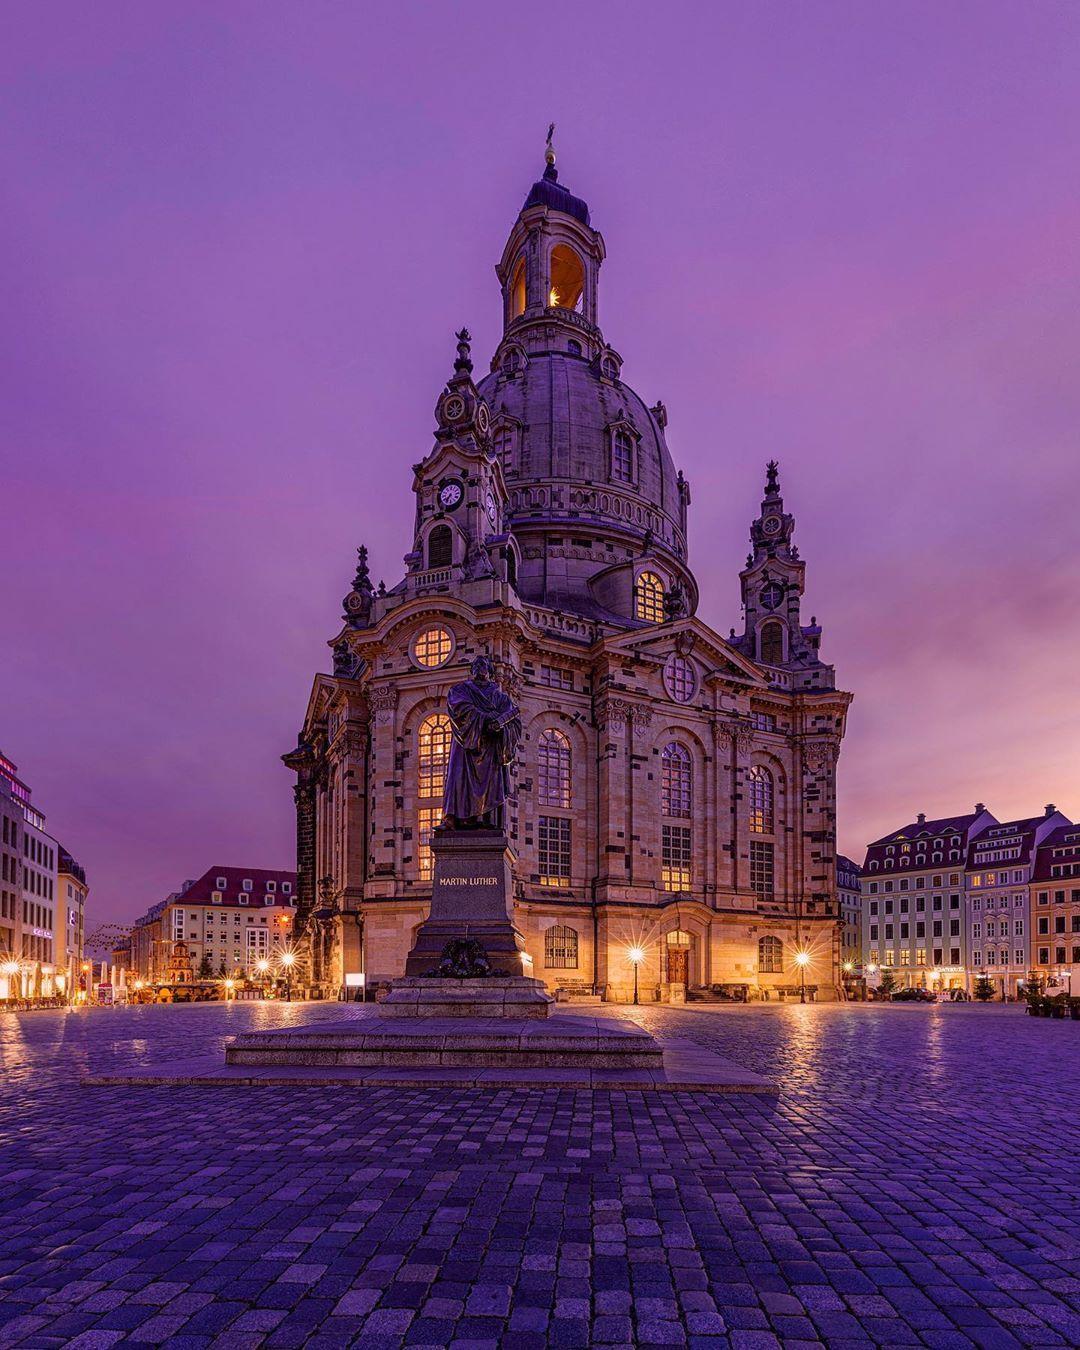 Gefallt 318 Mal 10 Kommentare Christian Wenglorz Christian Wenglorz Auf Instagram Die Dresdner Frauenkirche Im Sonnenaufgang Big Ben Places Landmarks